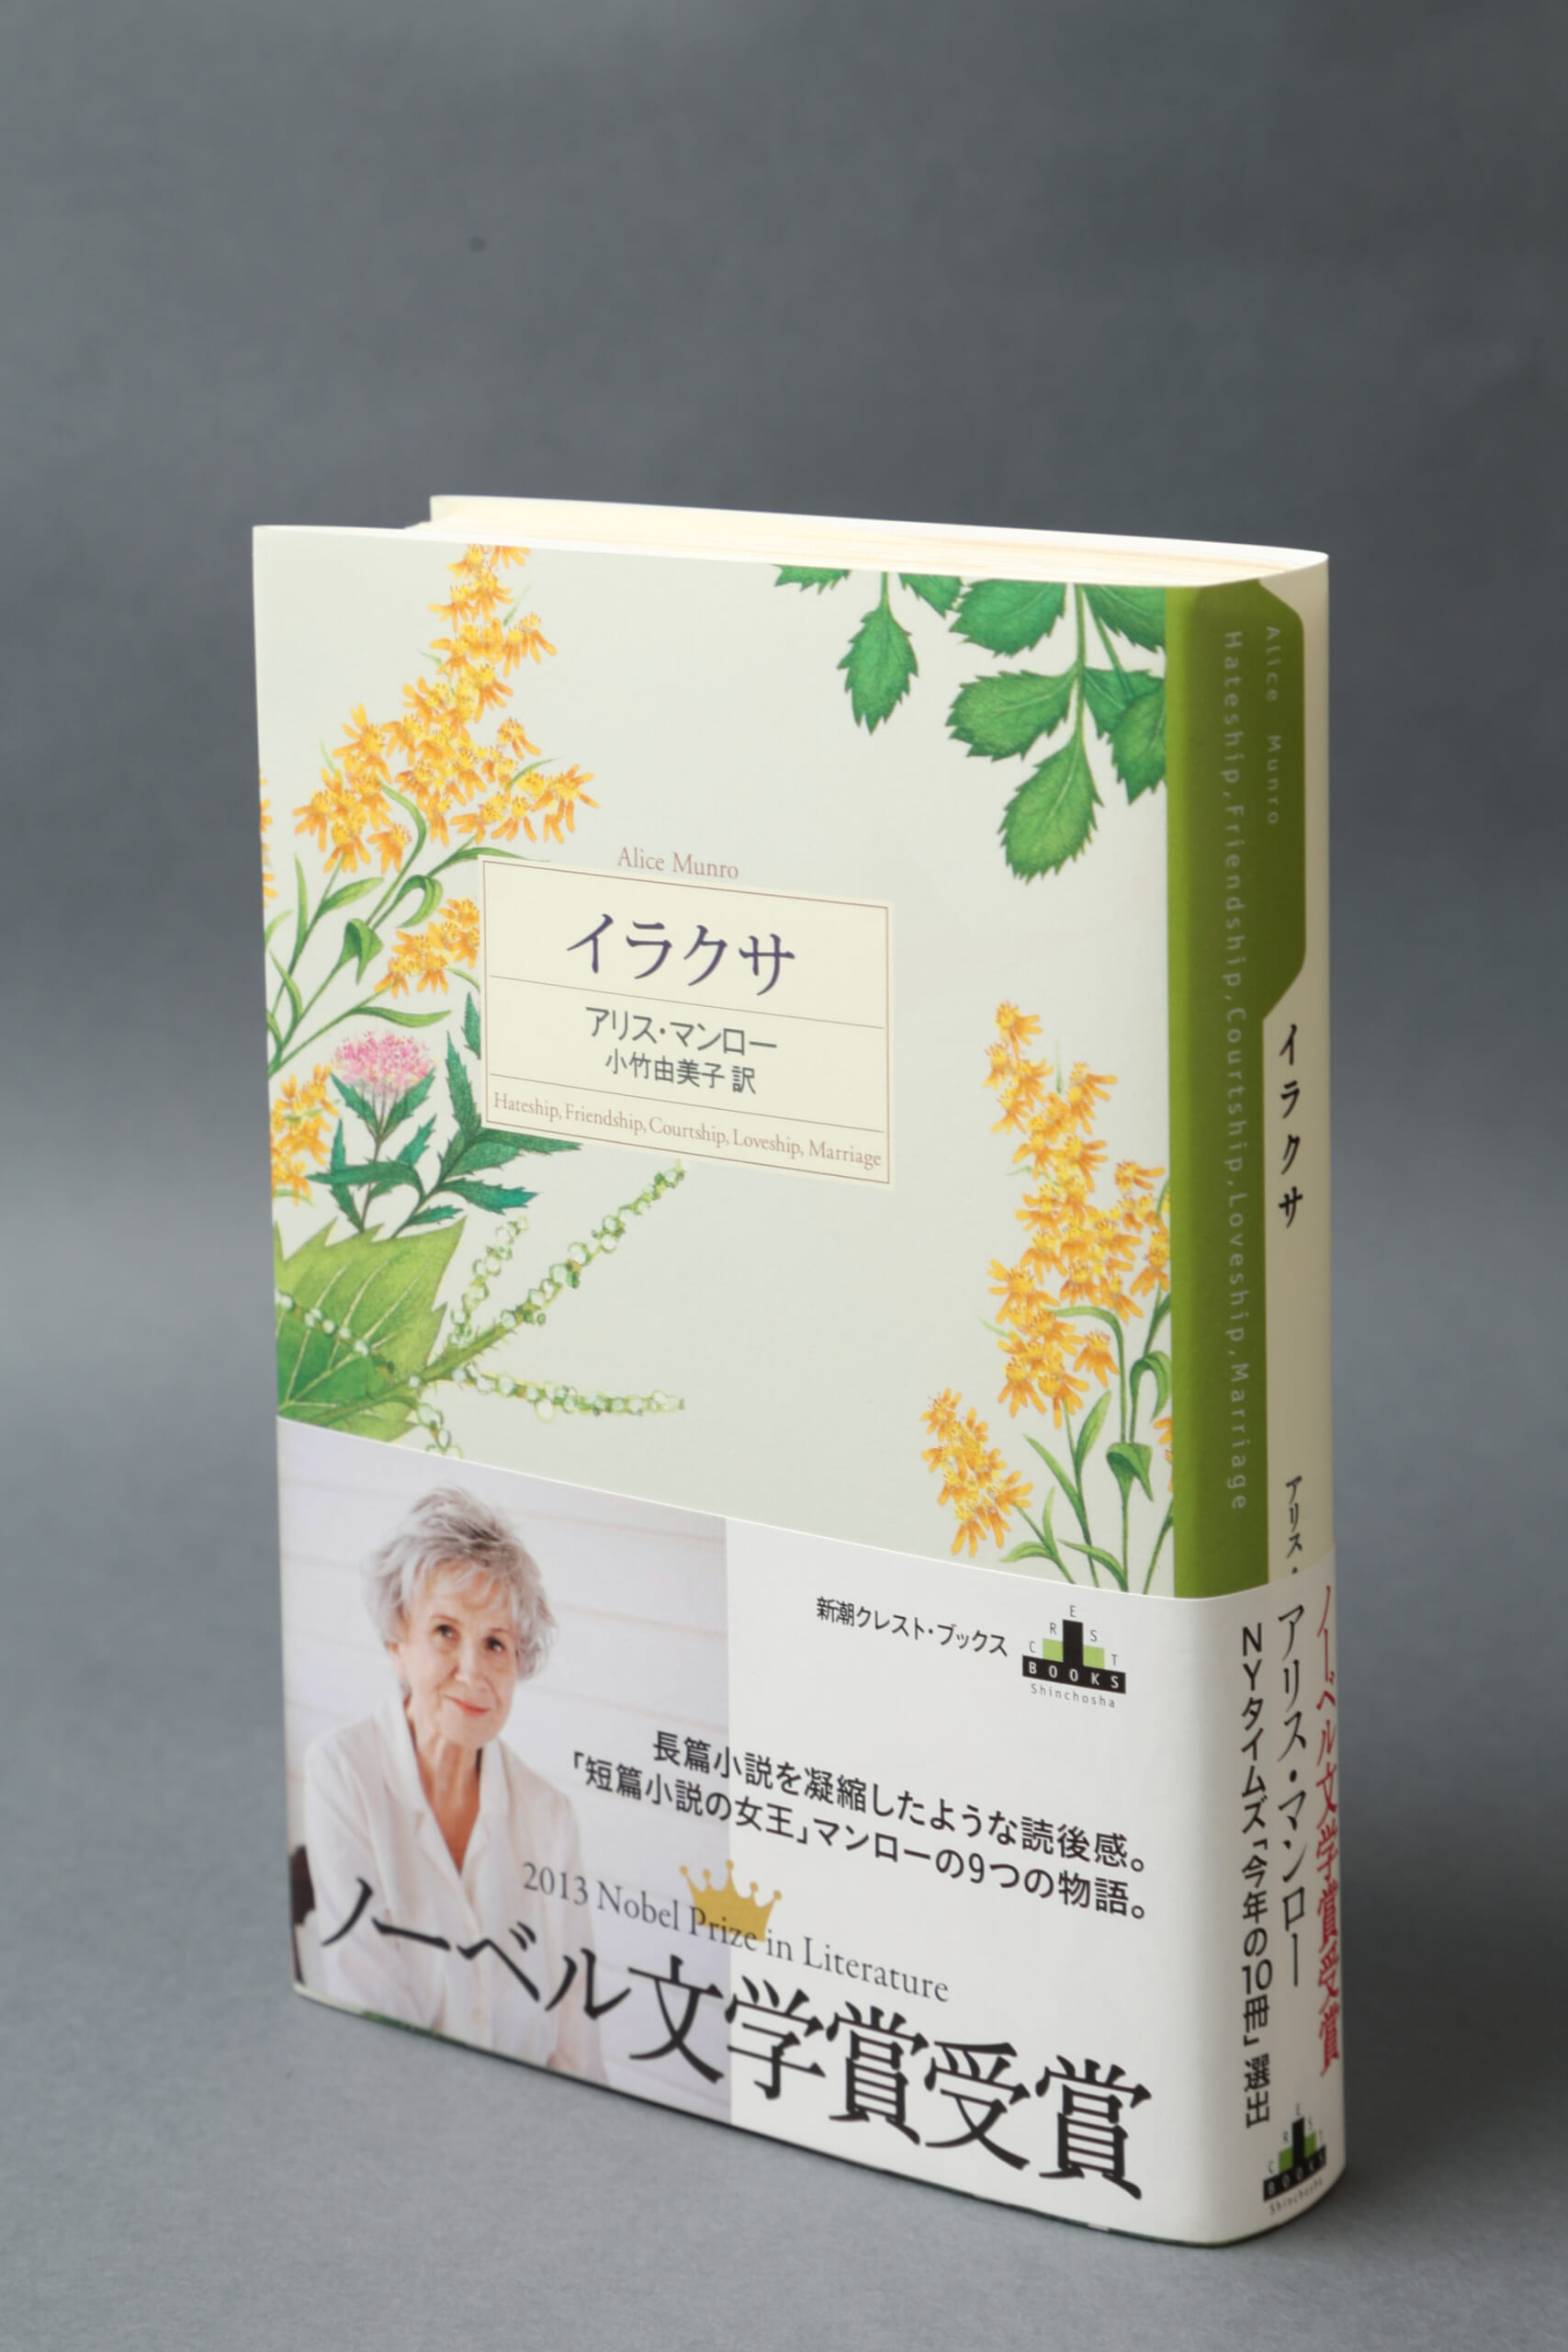 「震災以降、小説が読めなくなった」芥川賞作家・柳美里が衝撃を受けた2冊